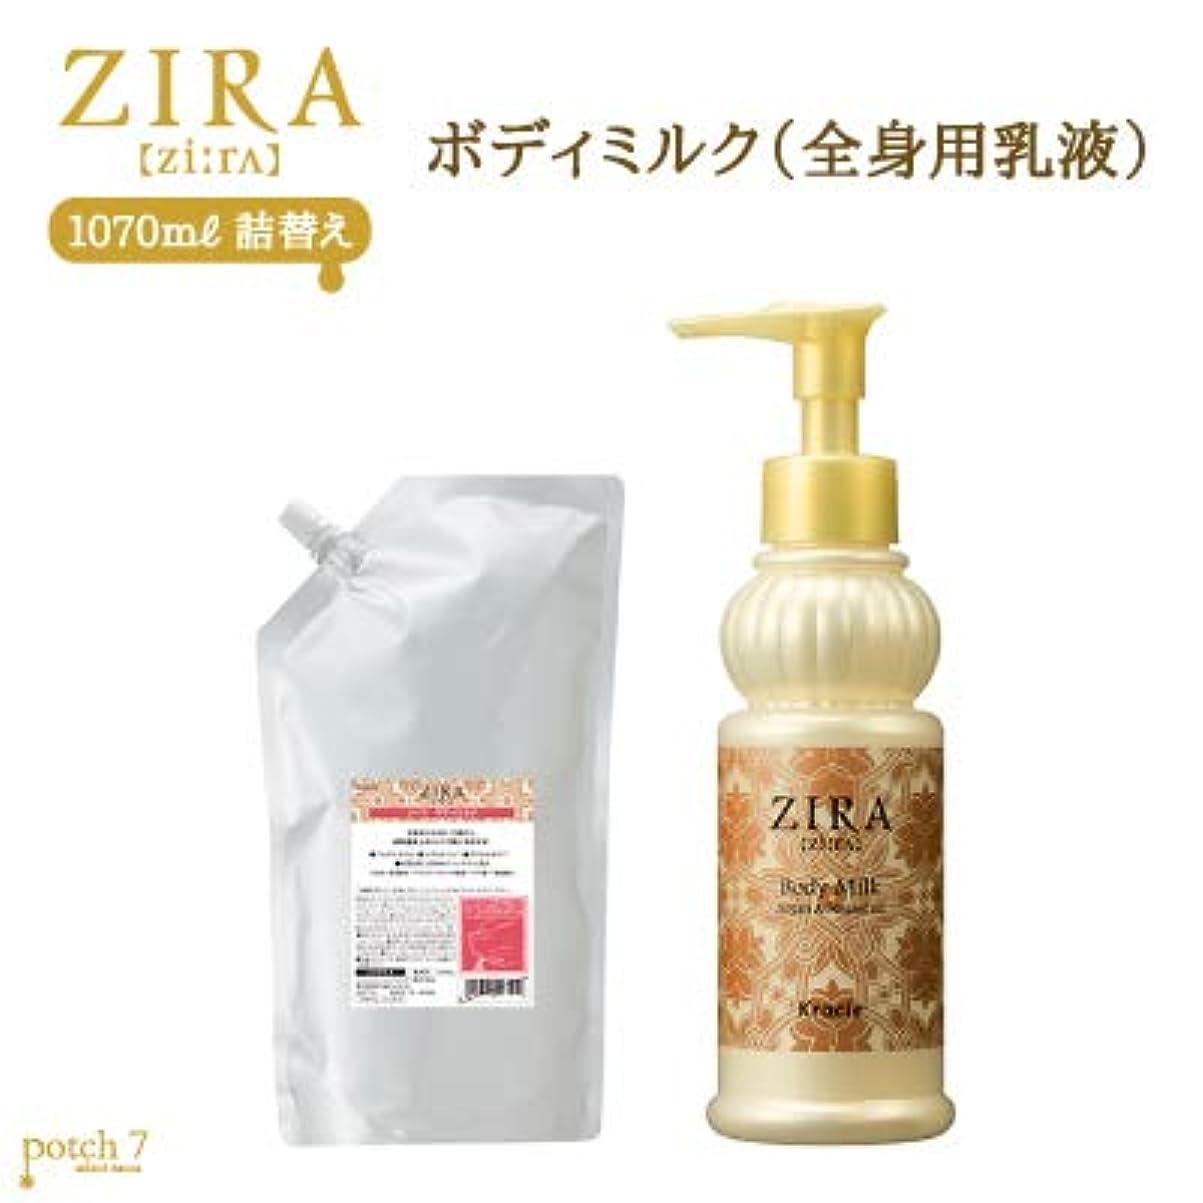 ボトルネック妊娠した修羅場kracie(クラシエ) ZIRA ジーラ ボディミルク 乳液 1070ml 業務用サイズ 詰替え 150ml×1本